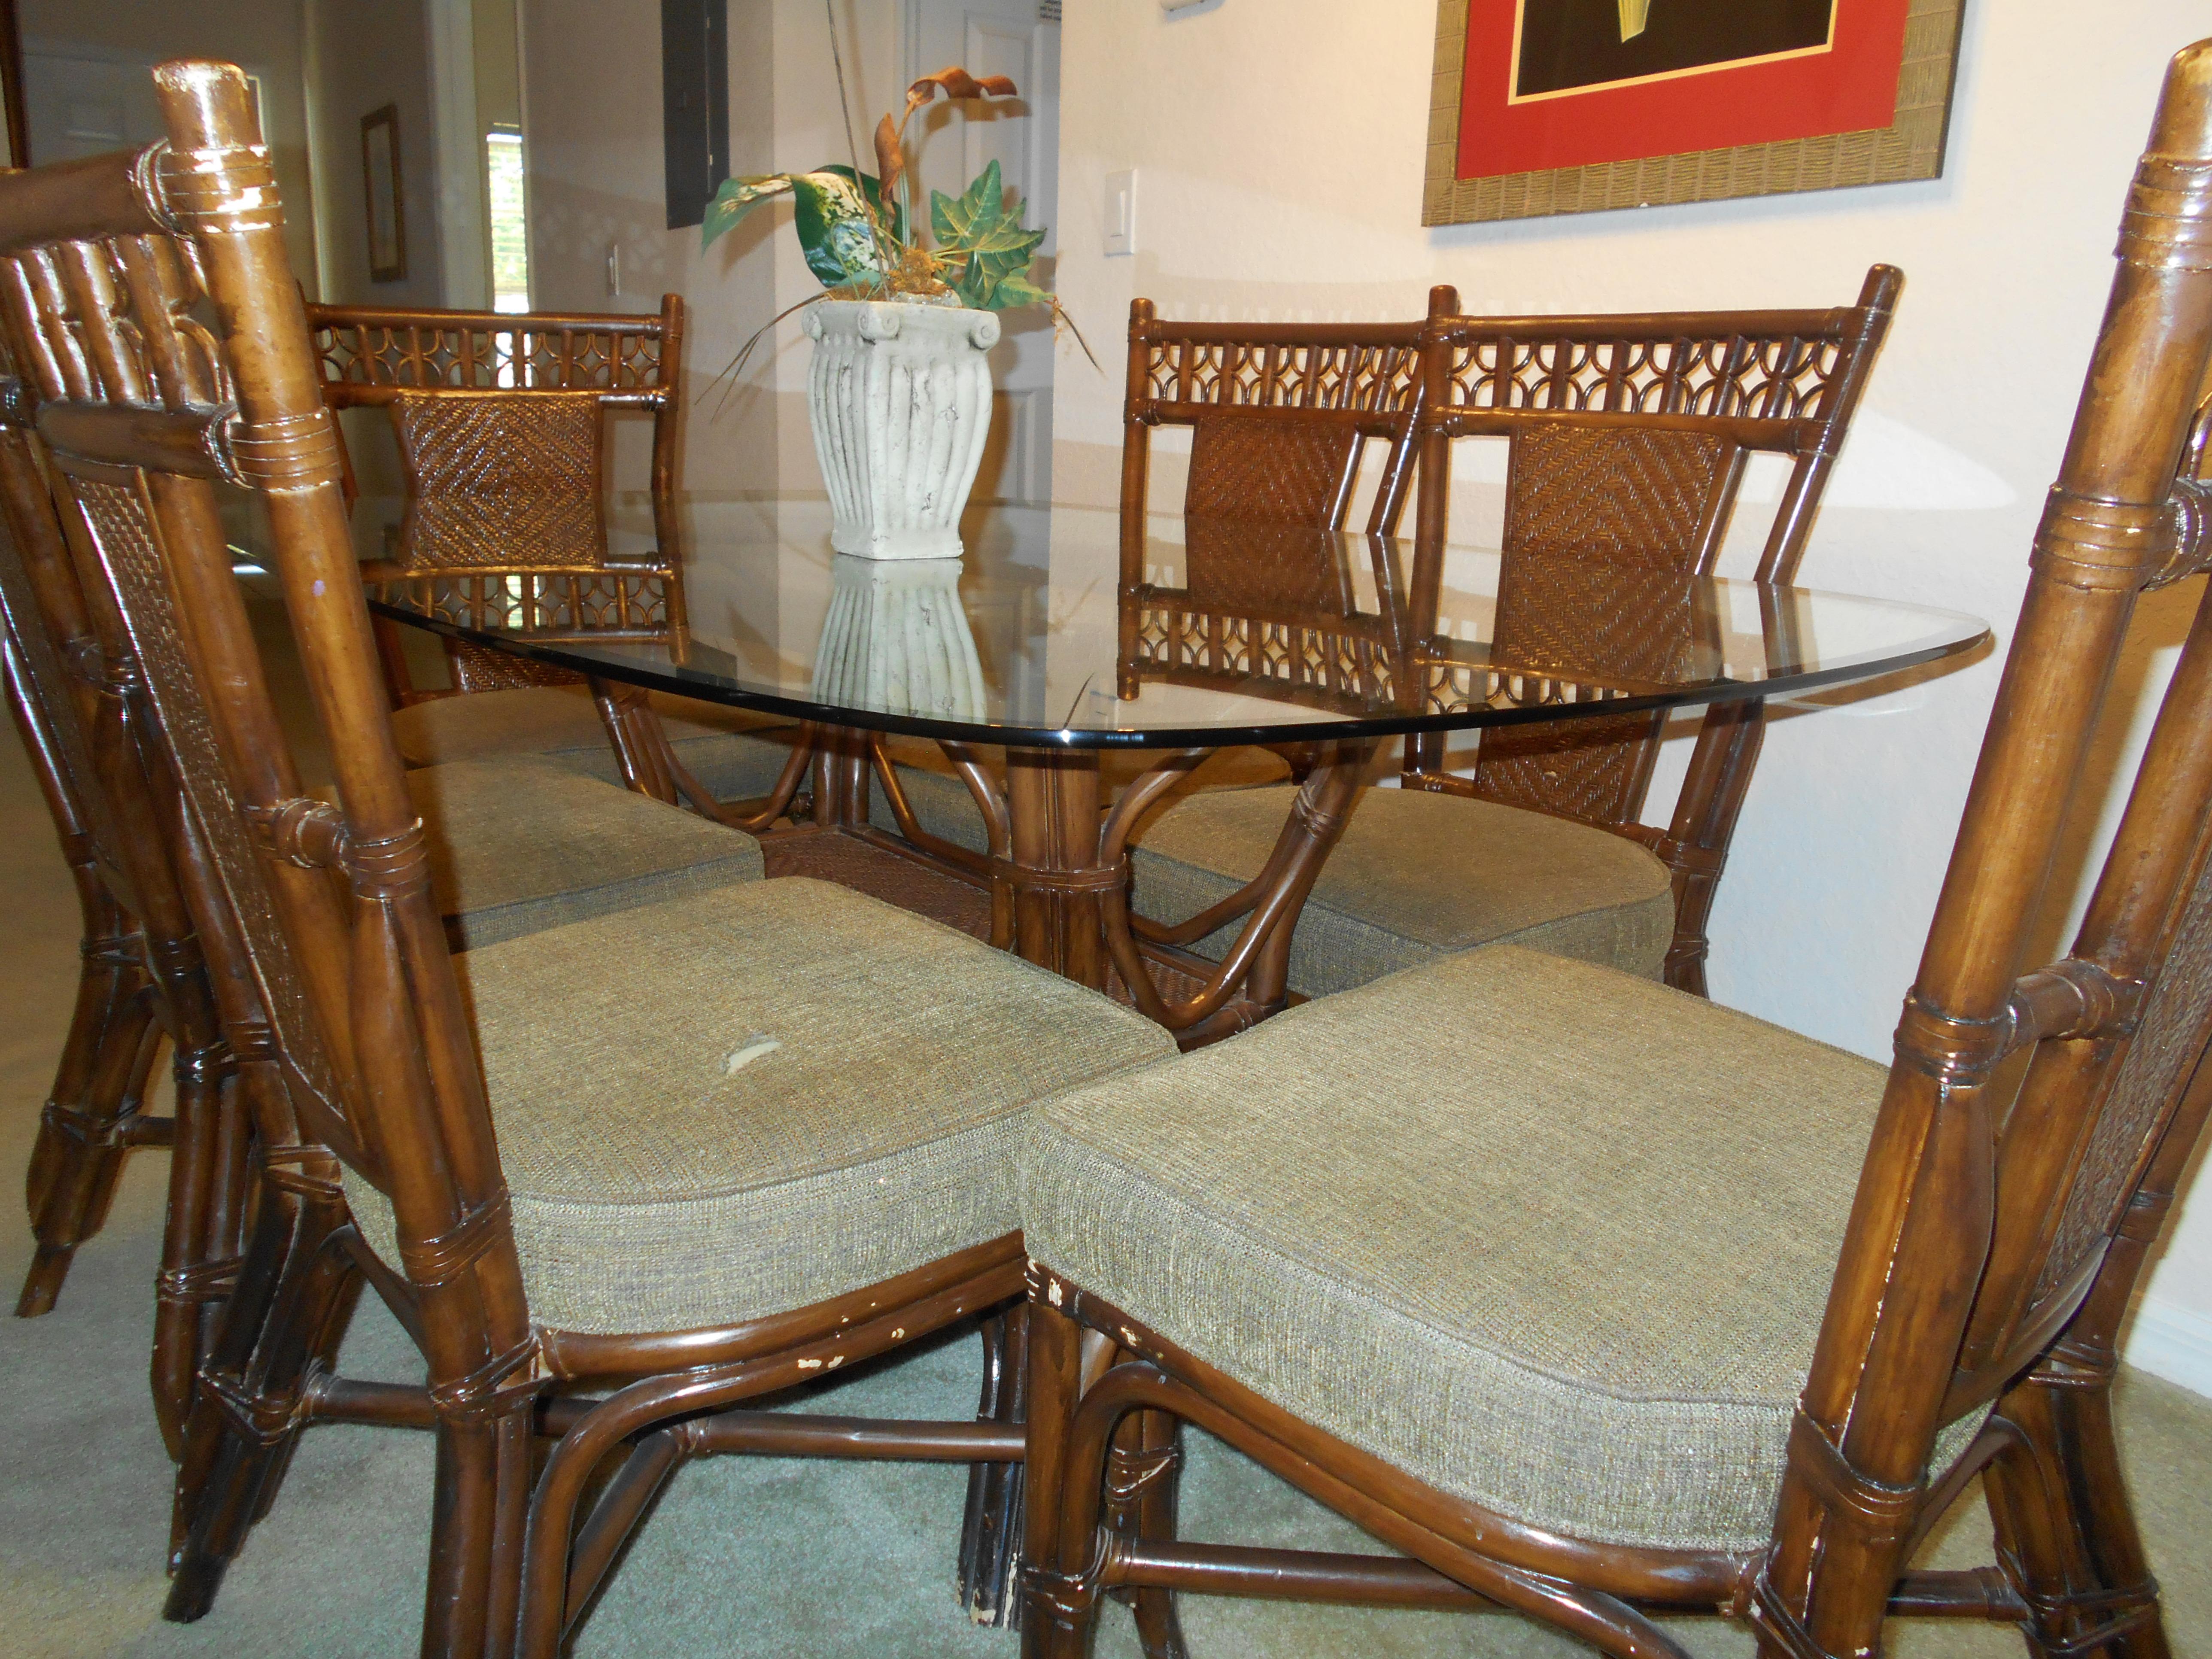 Bahama Bay Furniture Refurbishing Five Star Facility